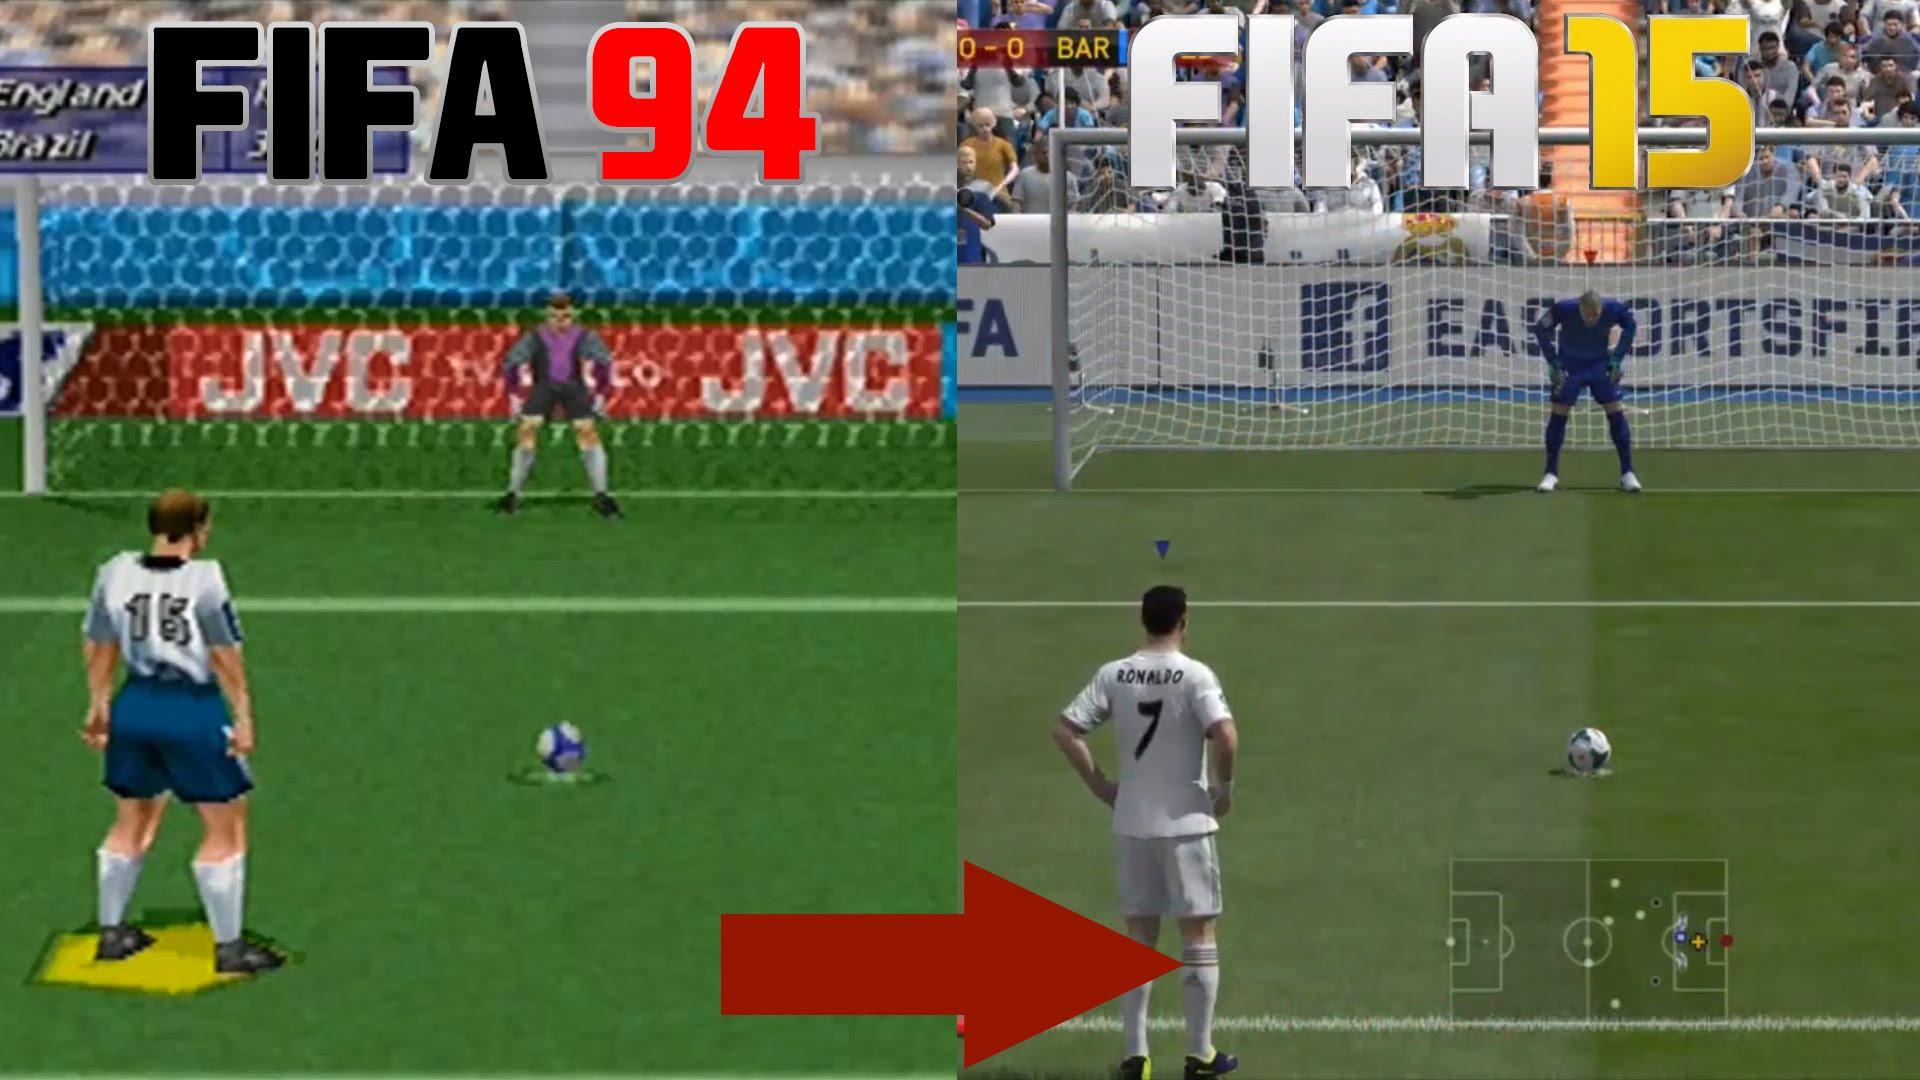 Как се промени изпълнението на дузпа от FIFA 94 до FIFA 15 (ВИДЕО)